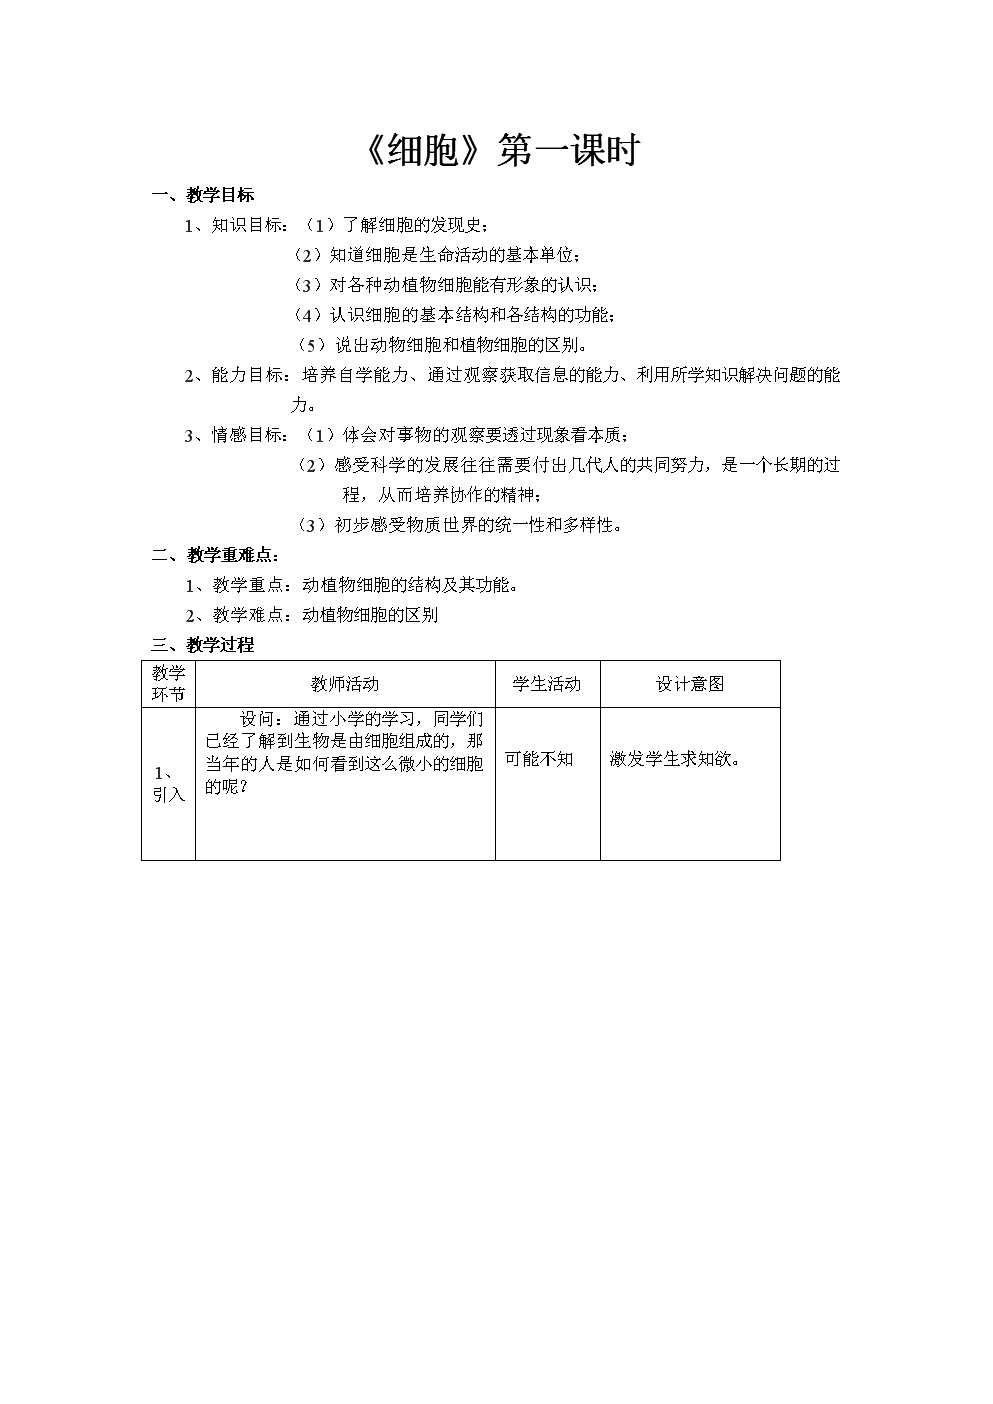 浙教版科学七上2.2 细胞(第一课时)教案.doc